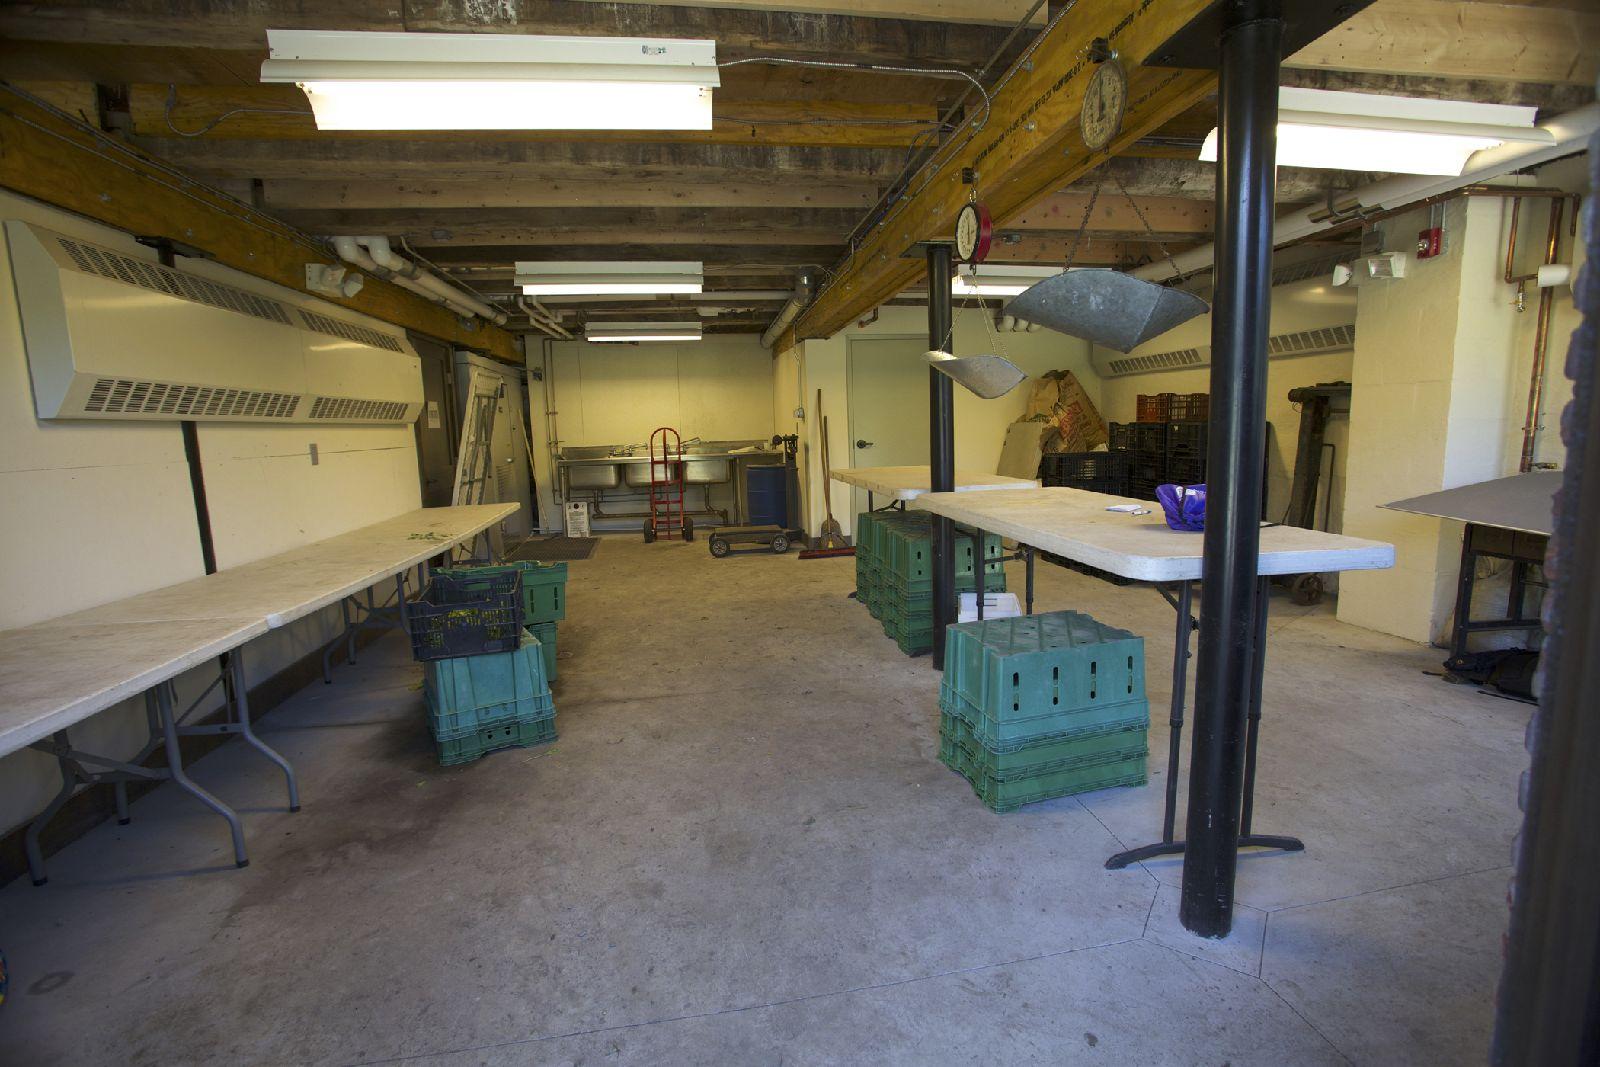 Barn_veggie_area_7_14.jpg